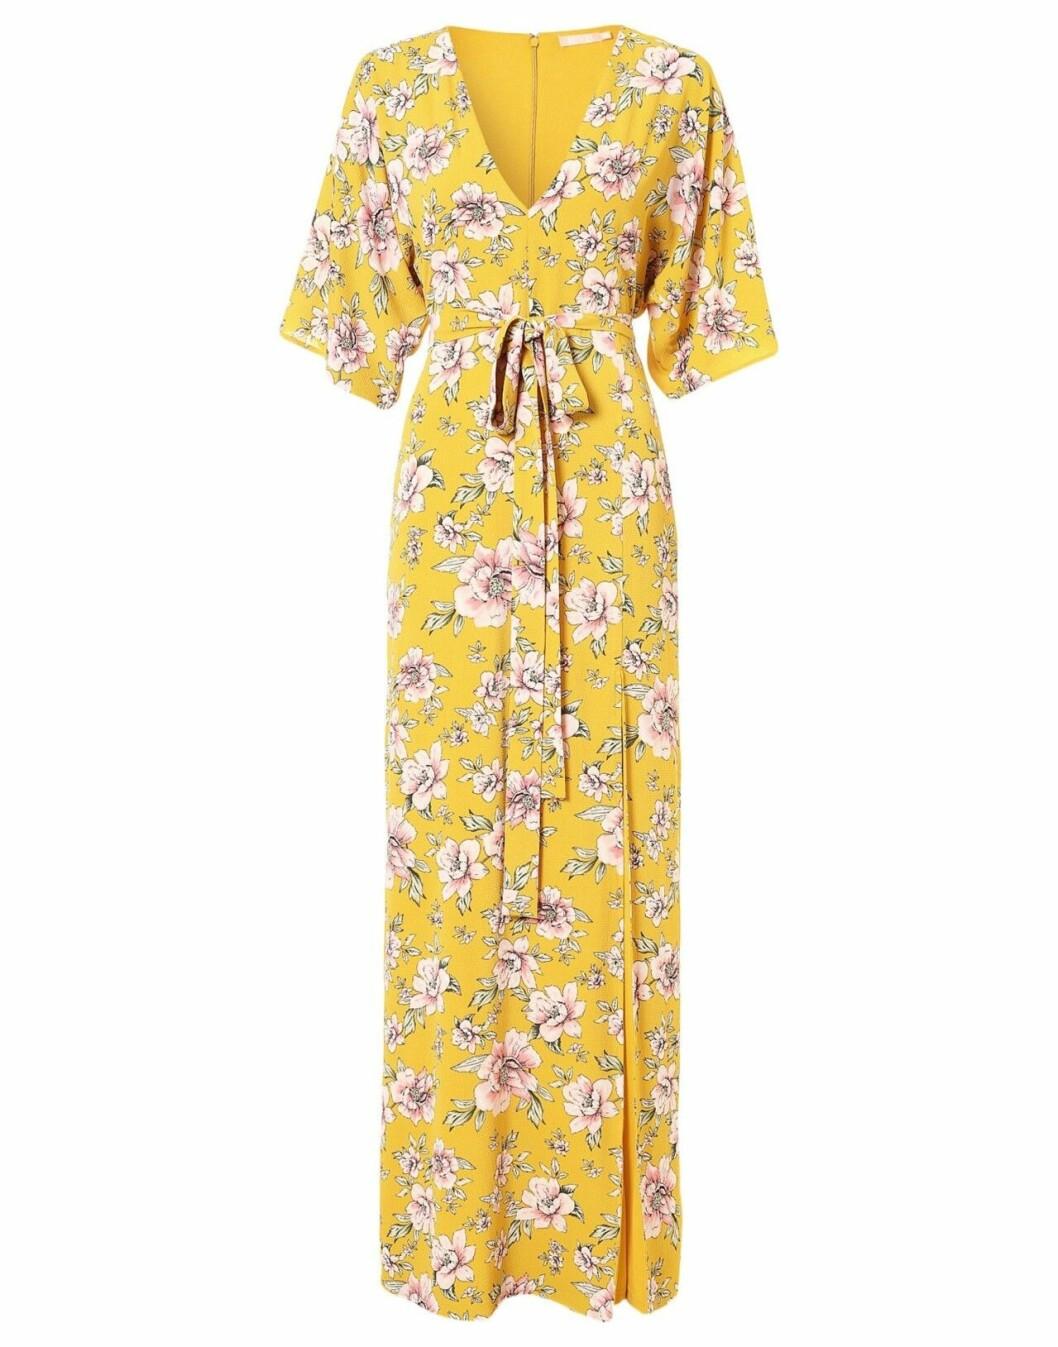 Gul klänning med blommor för dam till 2019